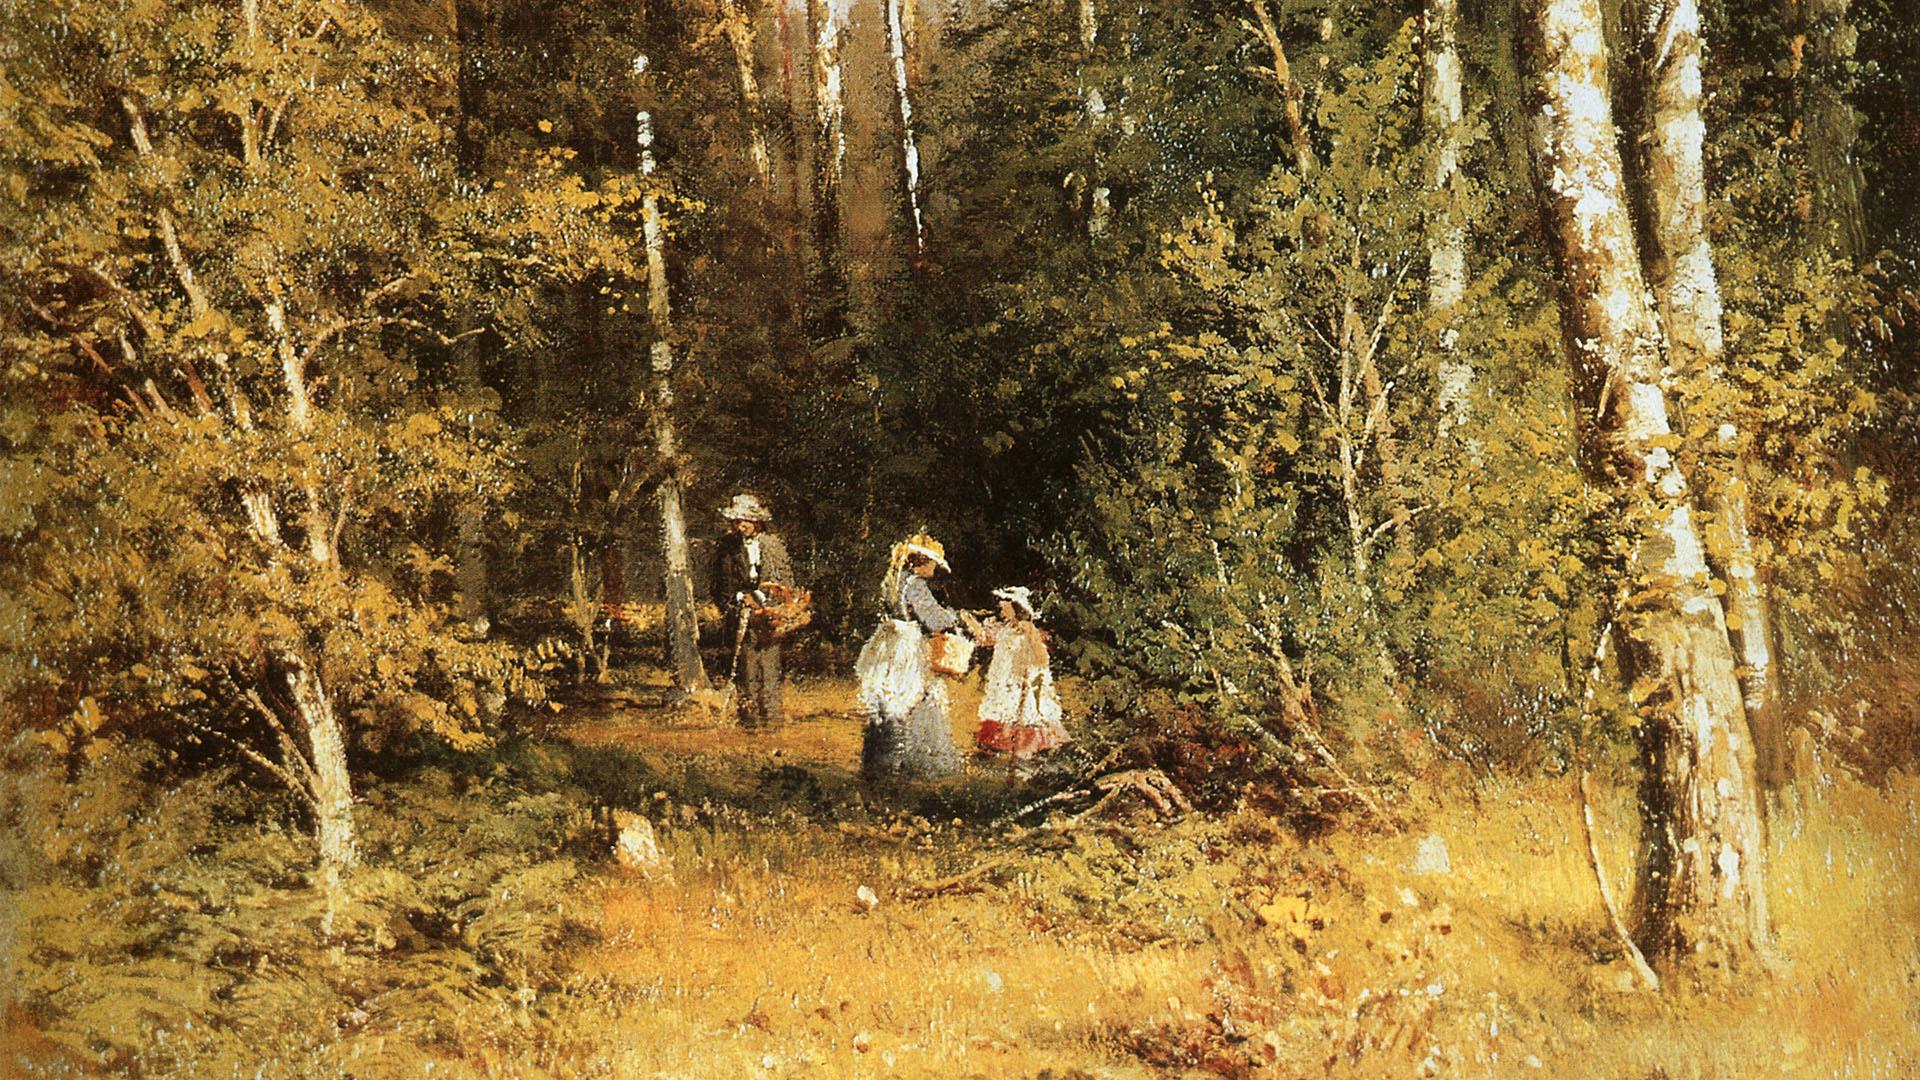 イヴァン・シーシキン Iwan Schischkin - birch grove 1920x1080